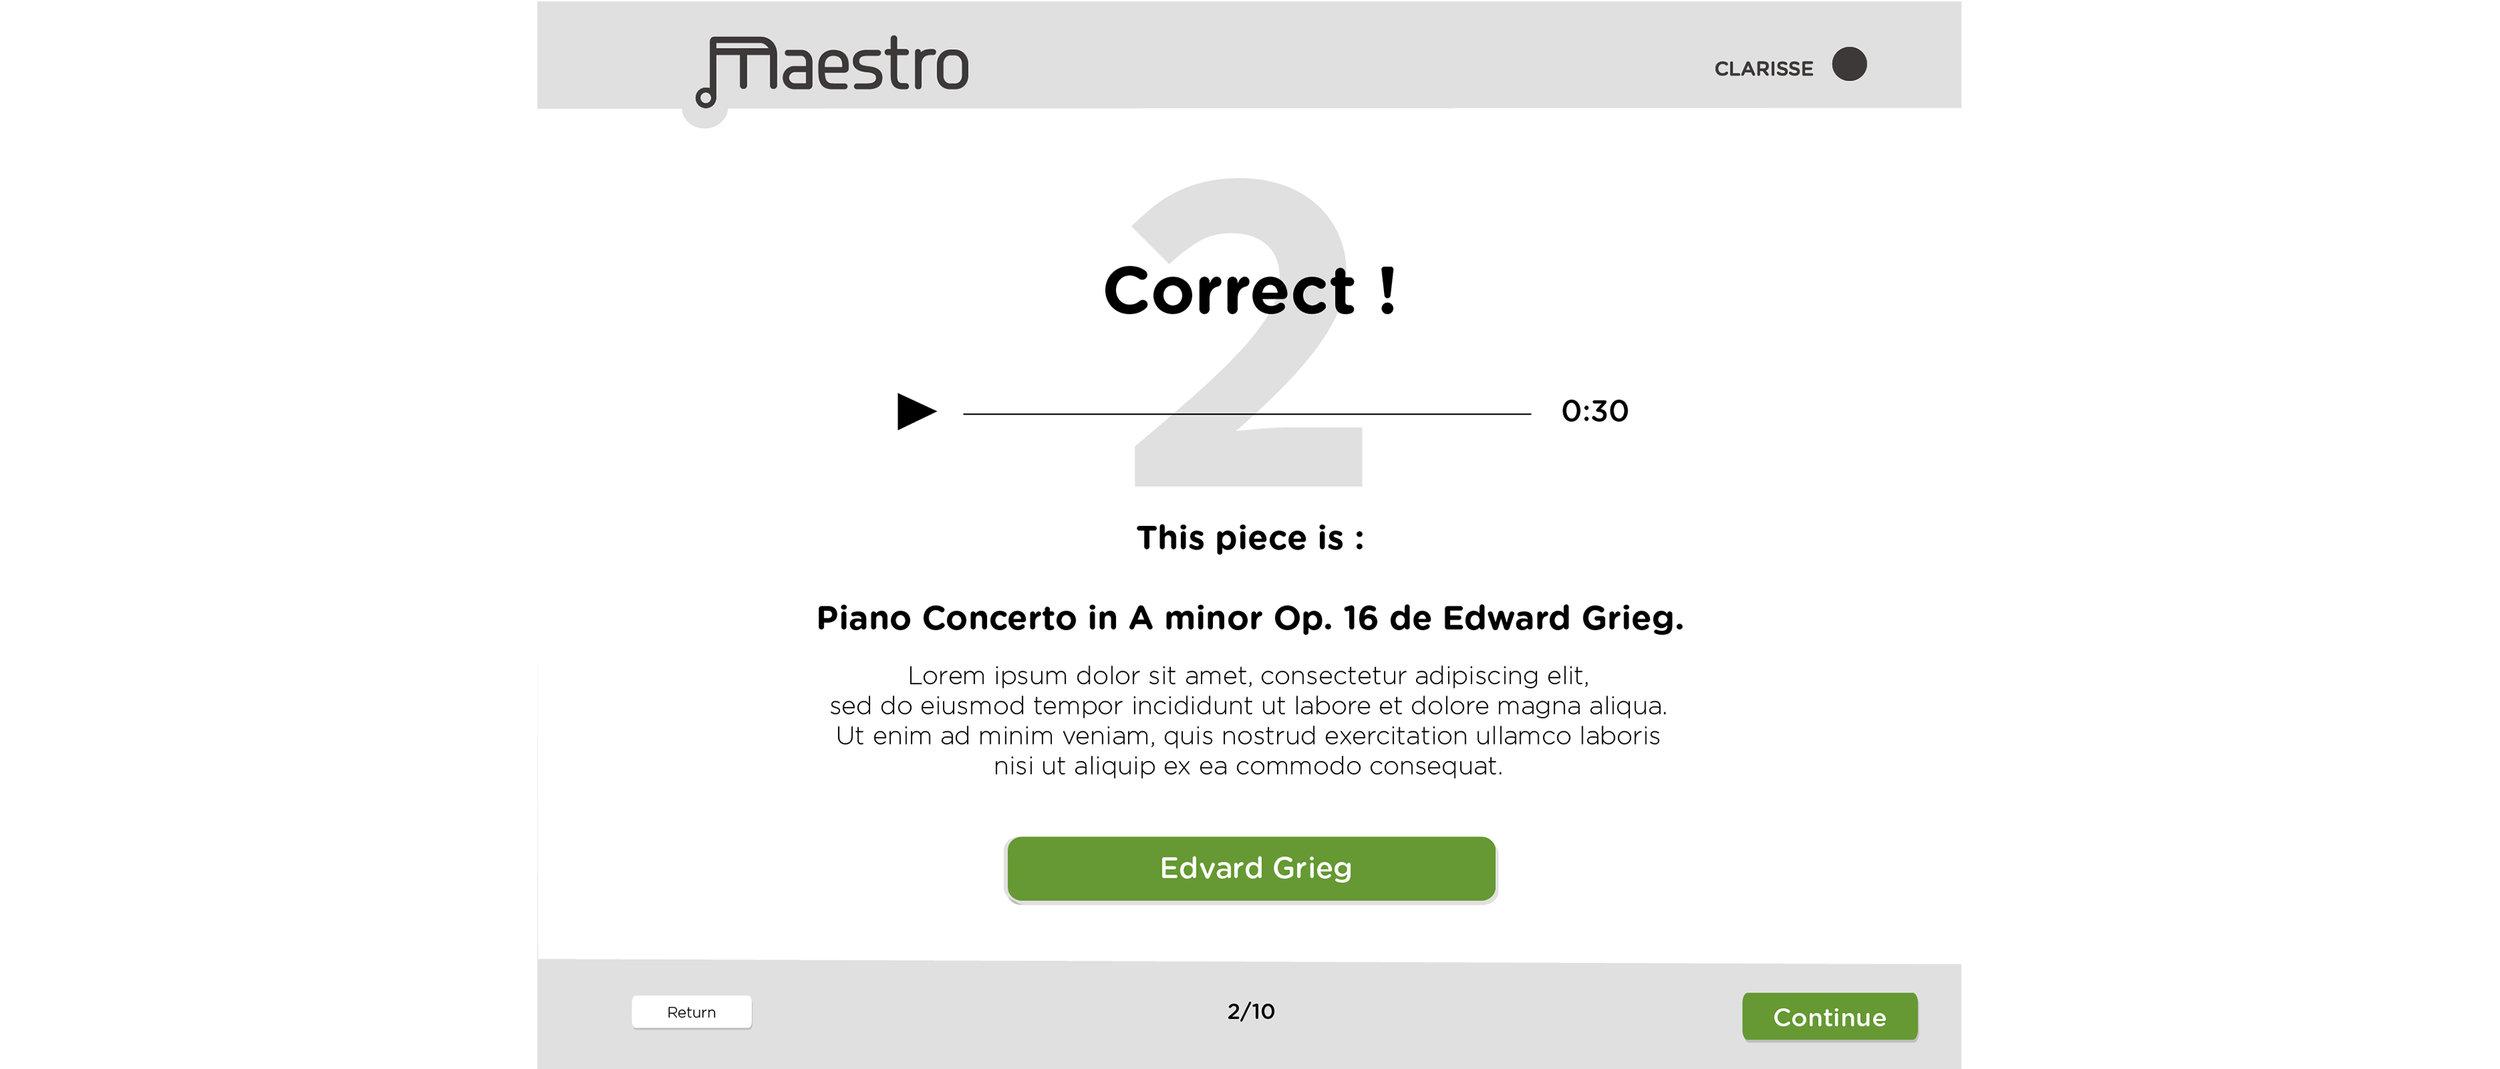 ClarisseDubus-Maestro-5.jpg